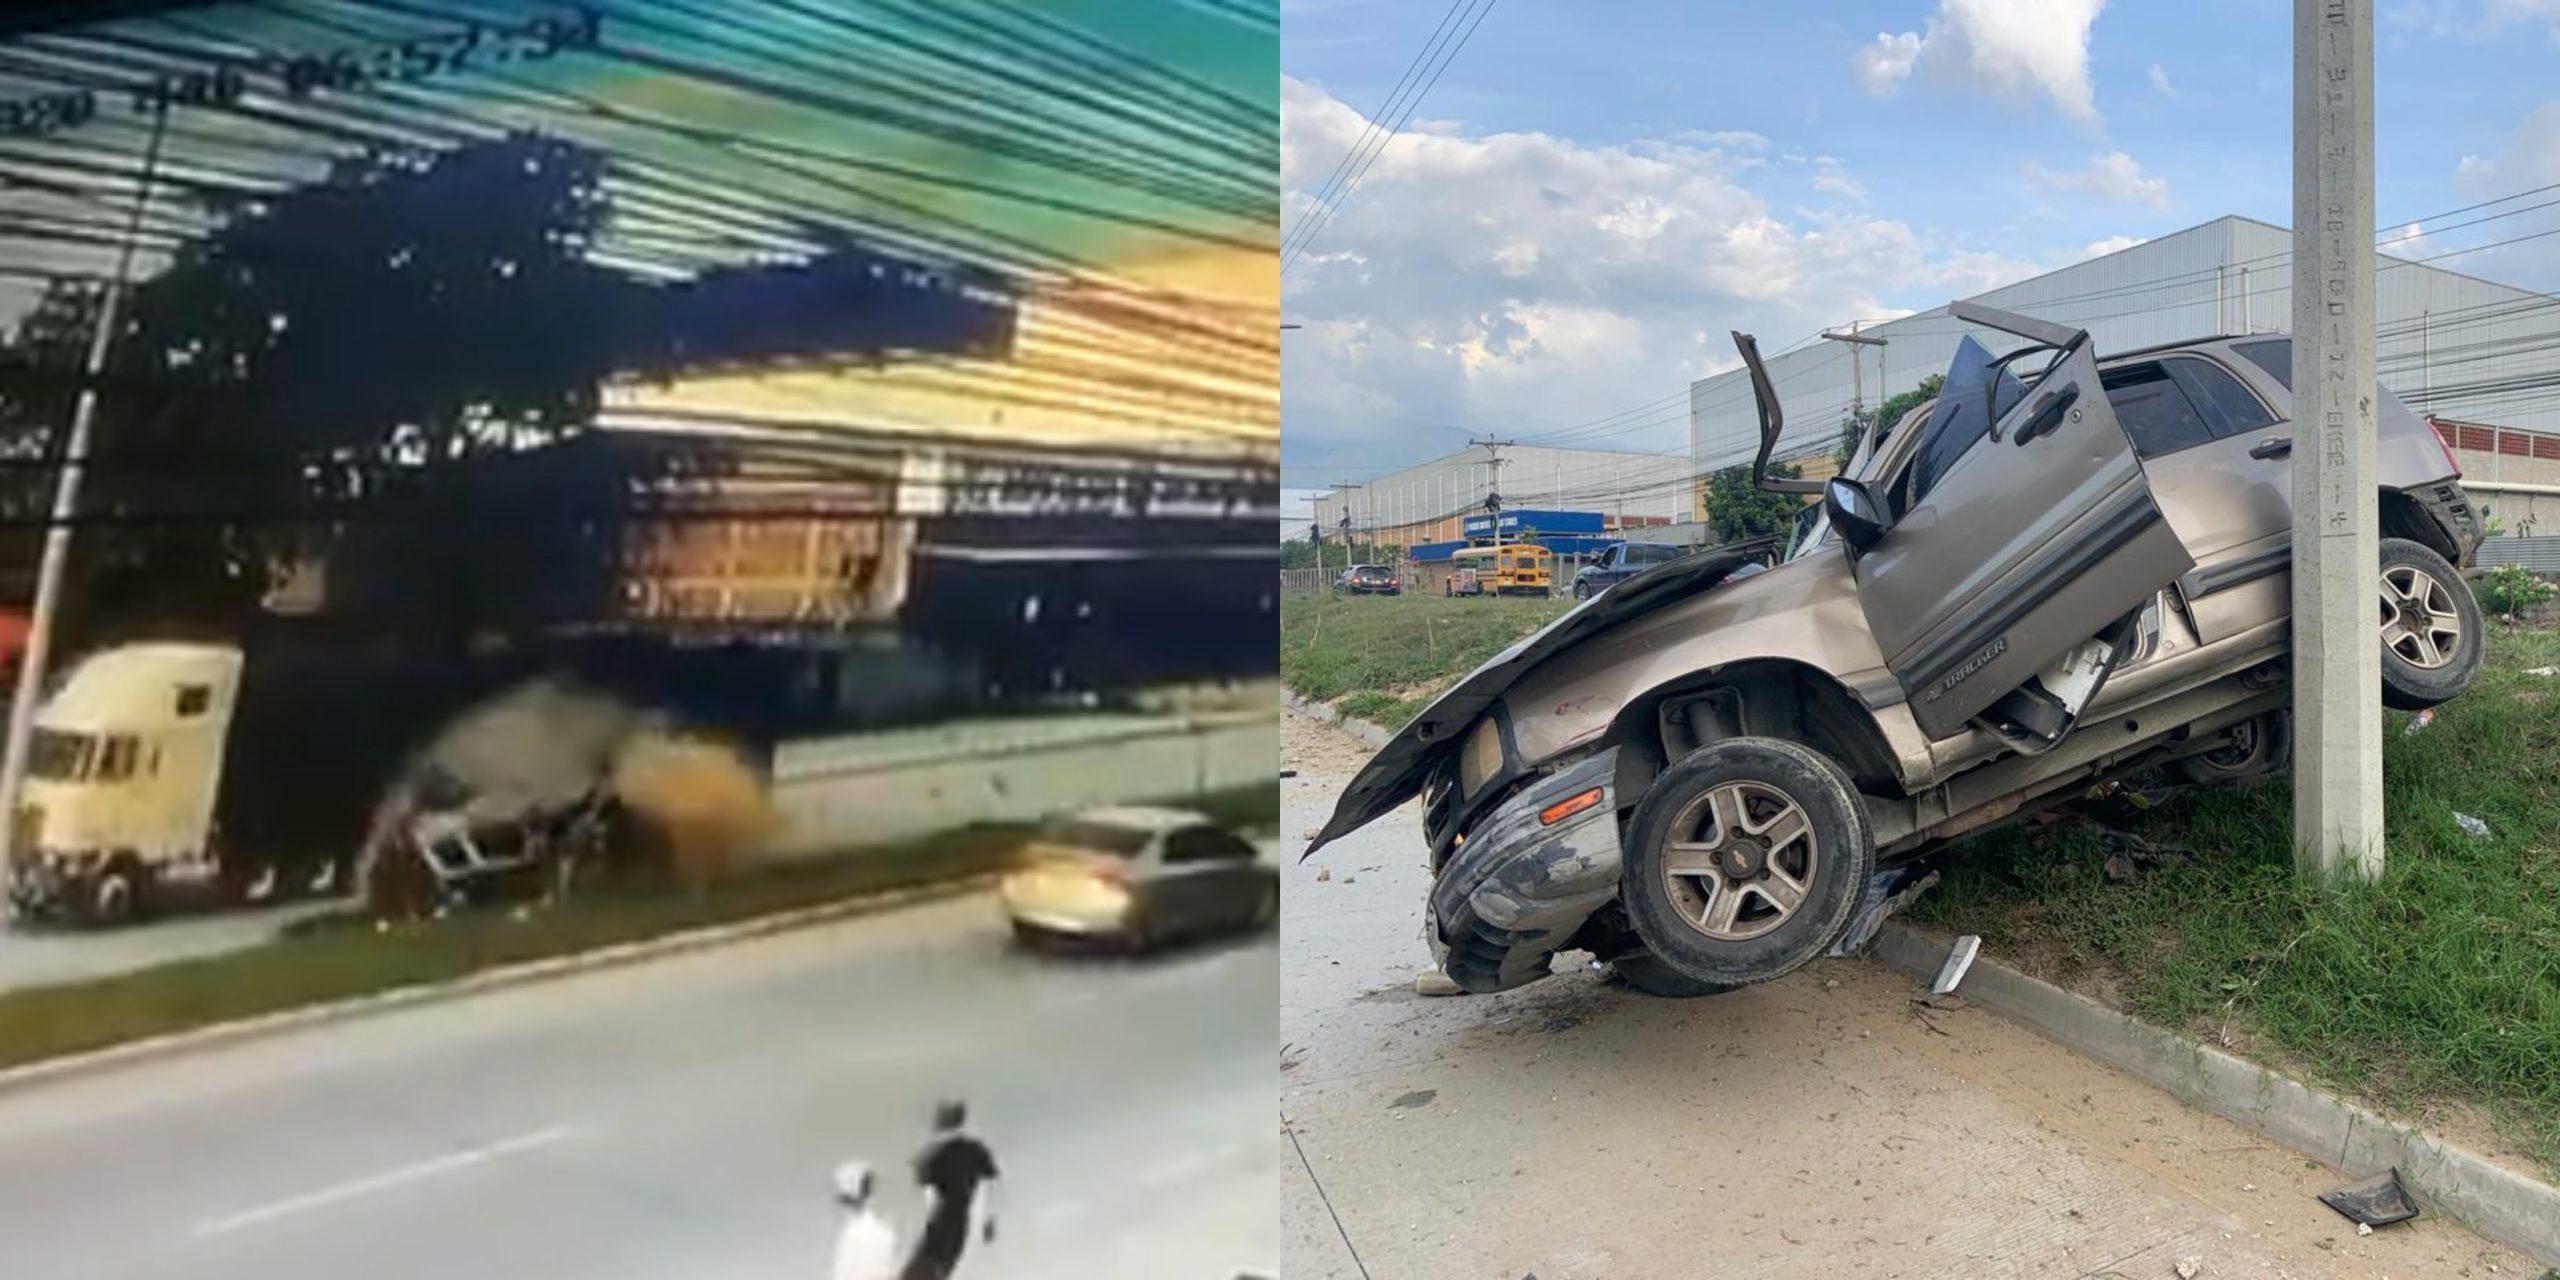 Vídeo capta a una camioneta dar vueltas tras impacto de rastra en San Pedro Sula